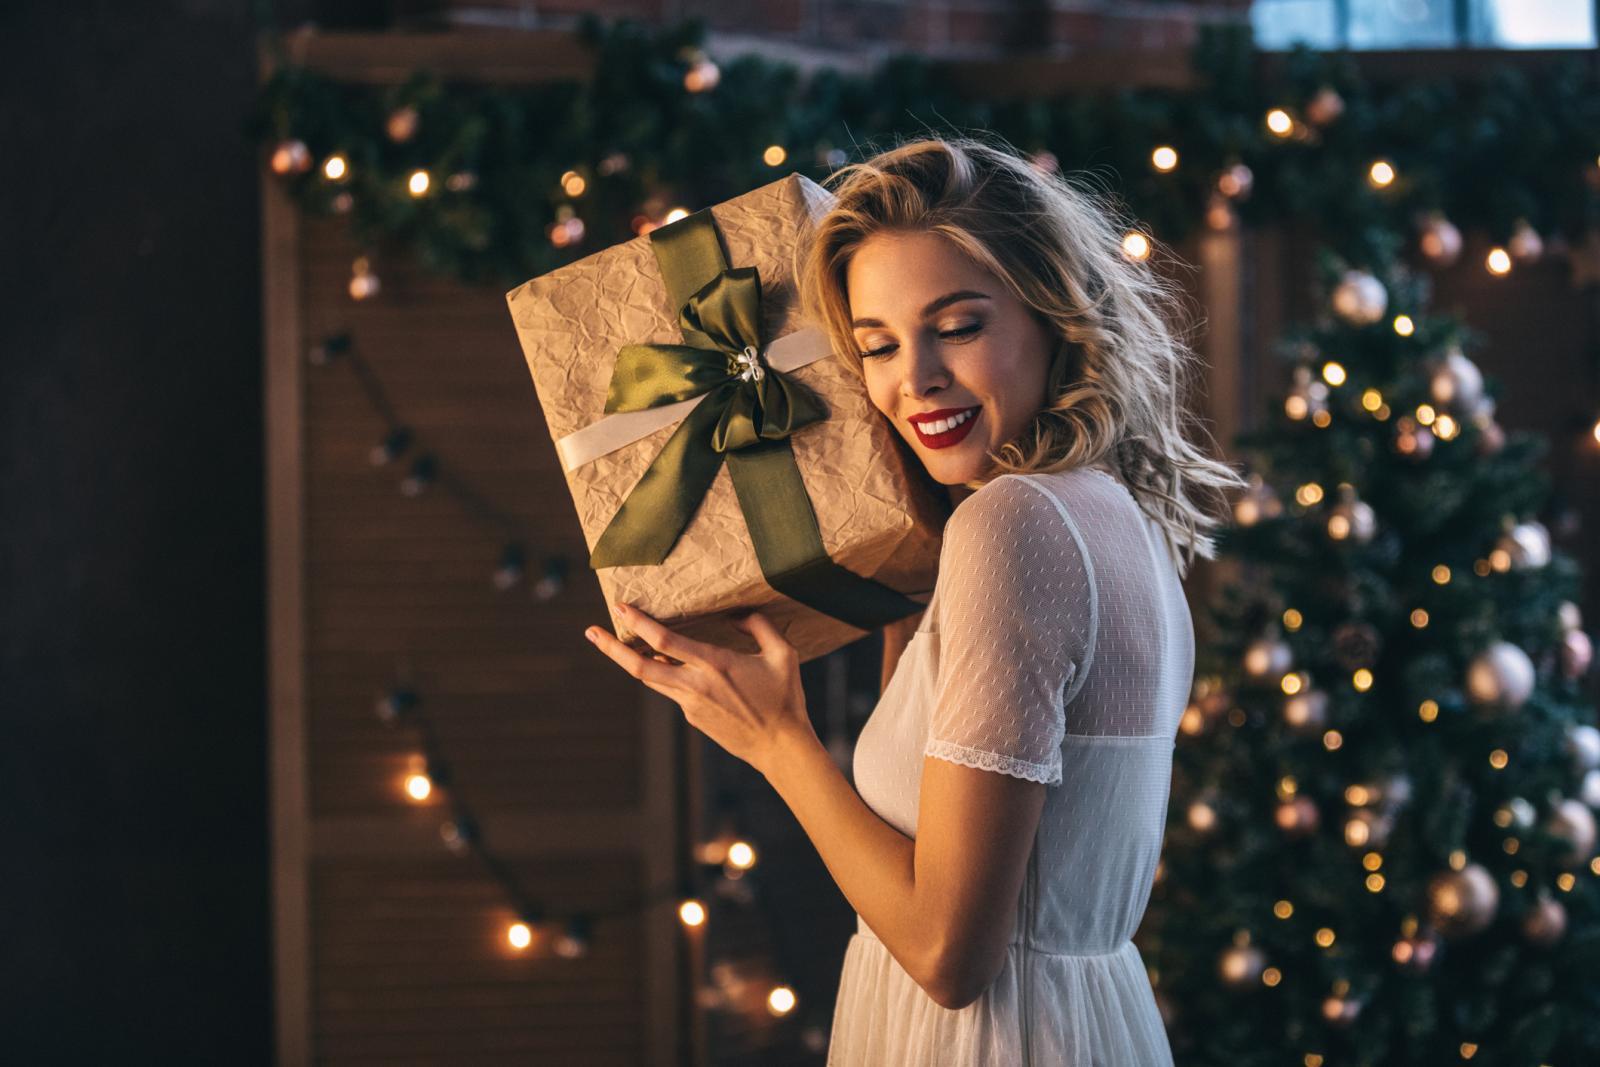 Još imate dovoljno vremena za ideje i listu za kupovinu poklona. No, ako vam ni smišljanje nikako ne ide pojednostavite stvar do maksimuma.